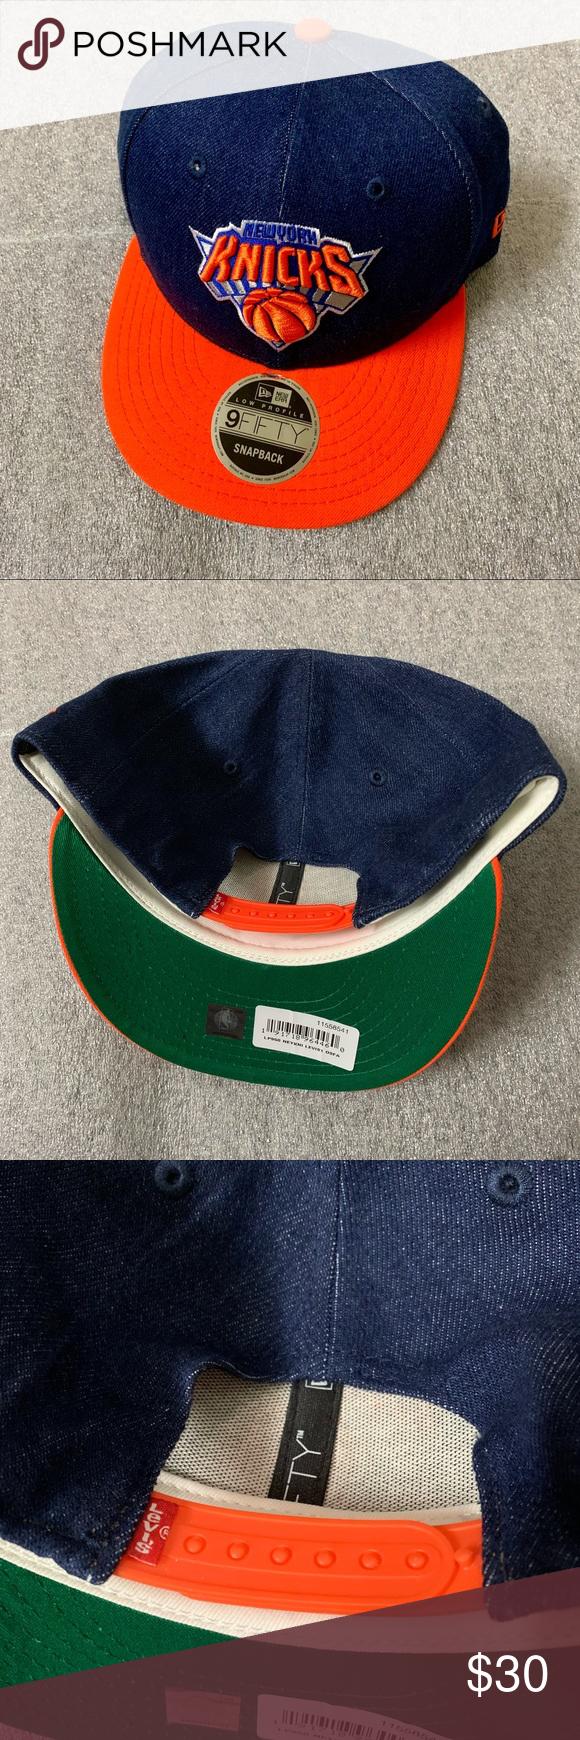 New Levi S New Era Ny Knicks Denim Snapback Hat Os Levi Snapback Hats Levi S